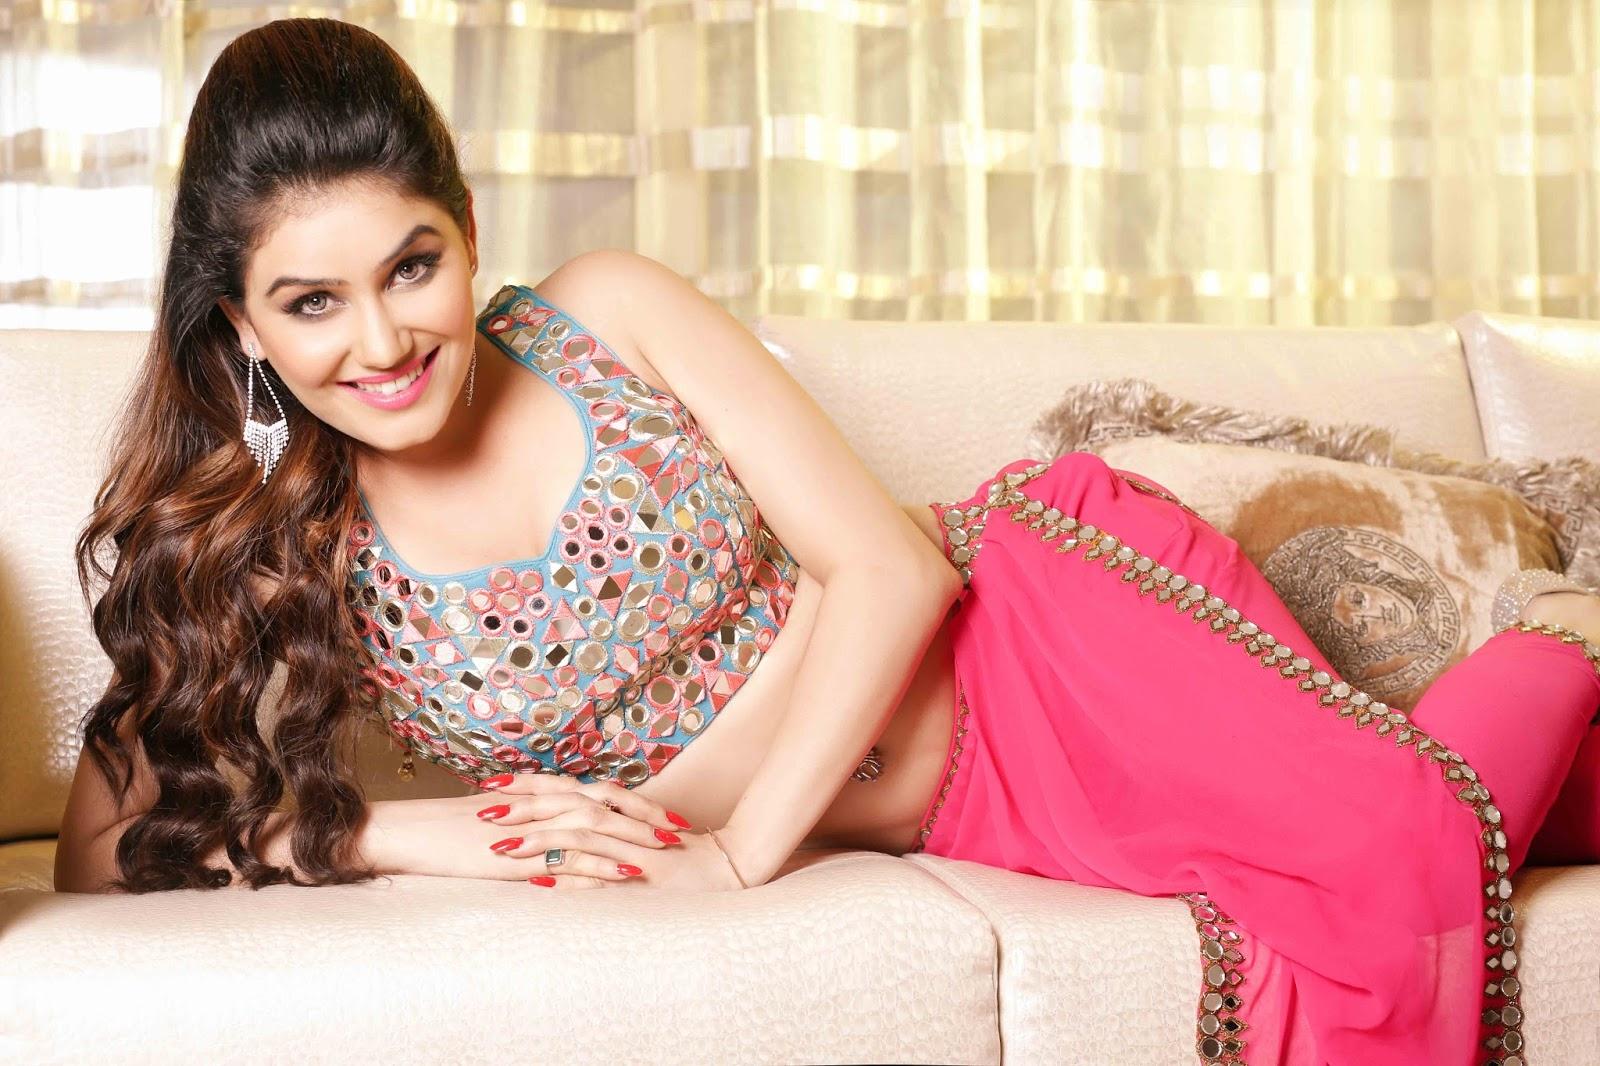 Kangna Sharma hot pics, Kangna Sharma navel, Kangna Sharma hot photoshoot, Kangna Sharma wallpapers